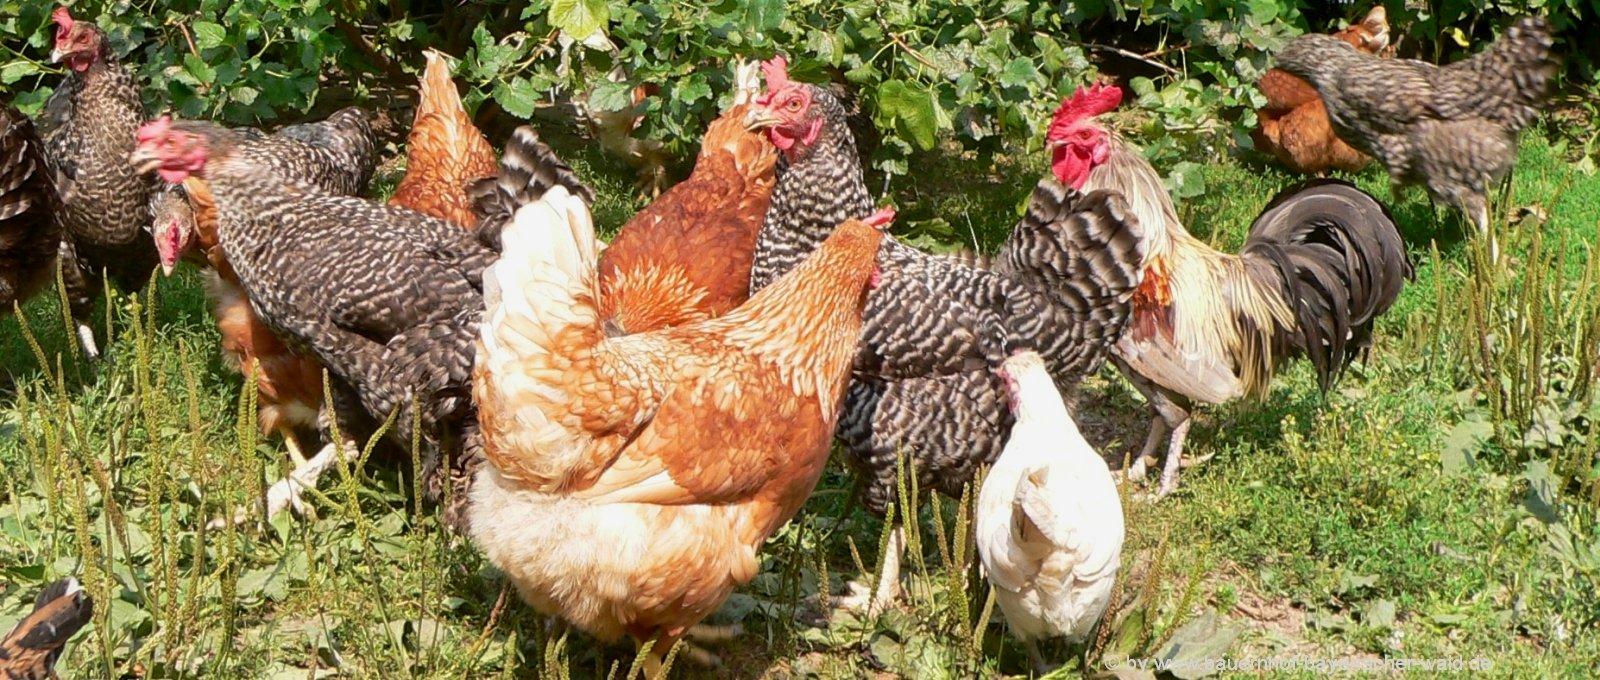 Bauernhoftiere Süße Tierfotos schöne Tierbilder